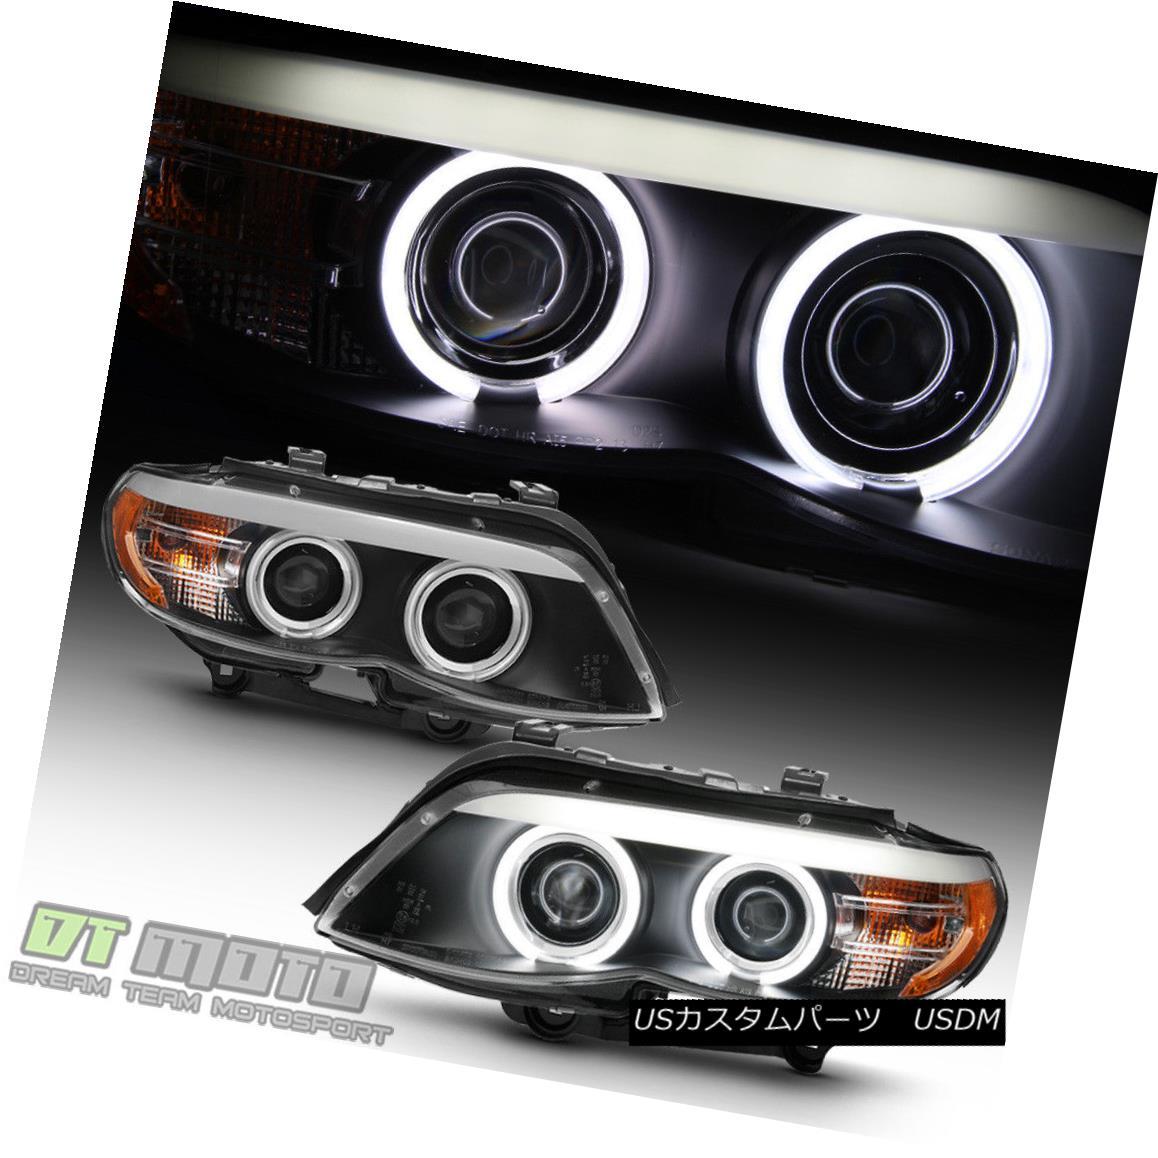 ヘッドライト Black 2004-2006 BMW E53 X5 LED CCFL Angel Eye DRL Projector Headlights Headlamps ブラック2004-2006 BMW E53 X5 LED CCFLエンジェルアイDRLプロジェクターヘッドライトヘッドランプ